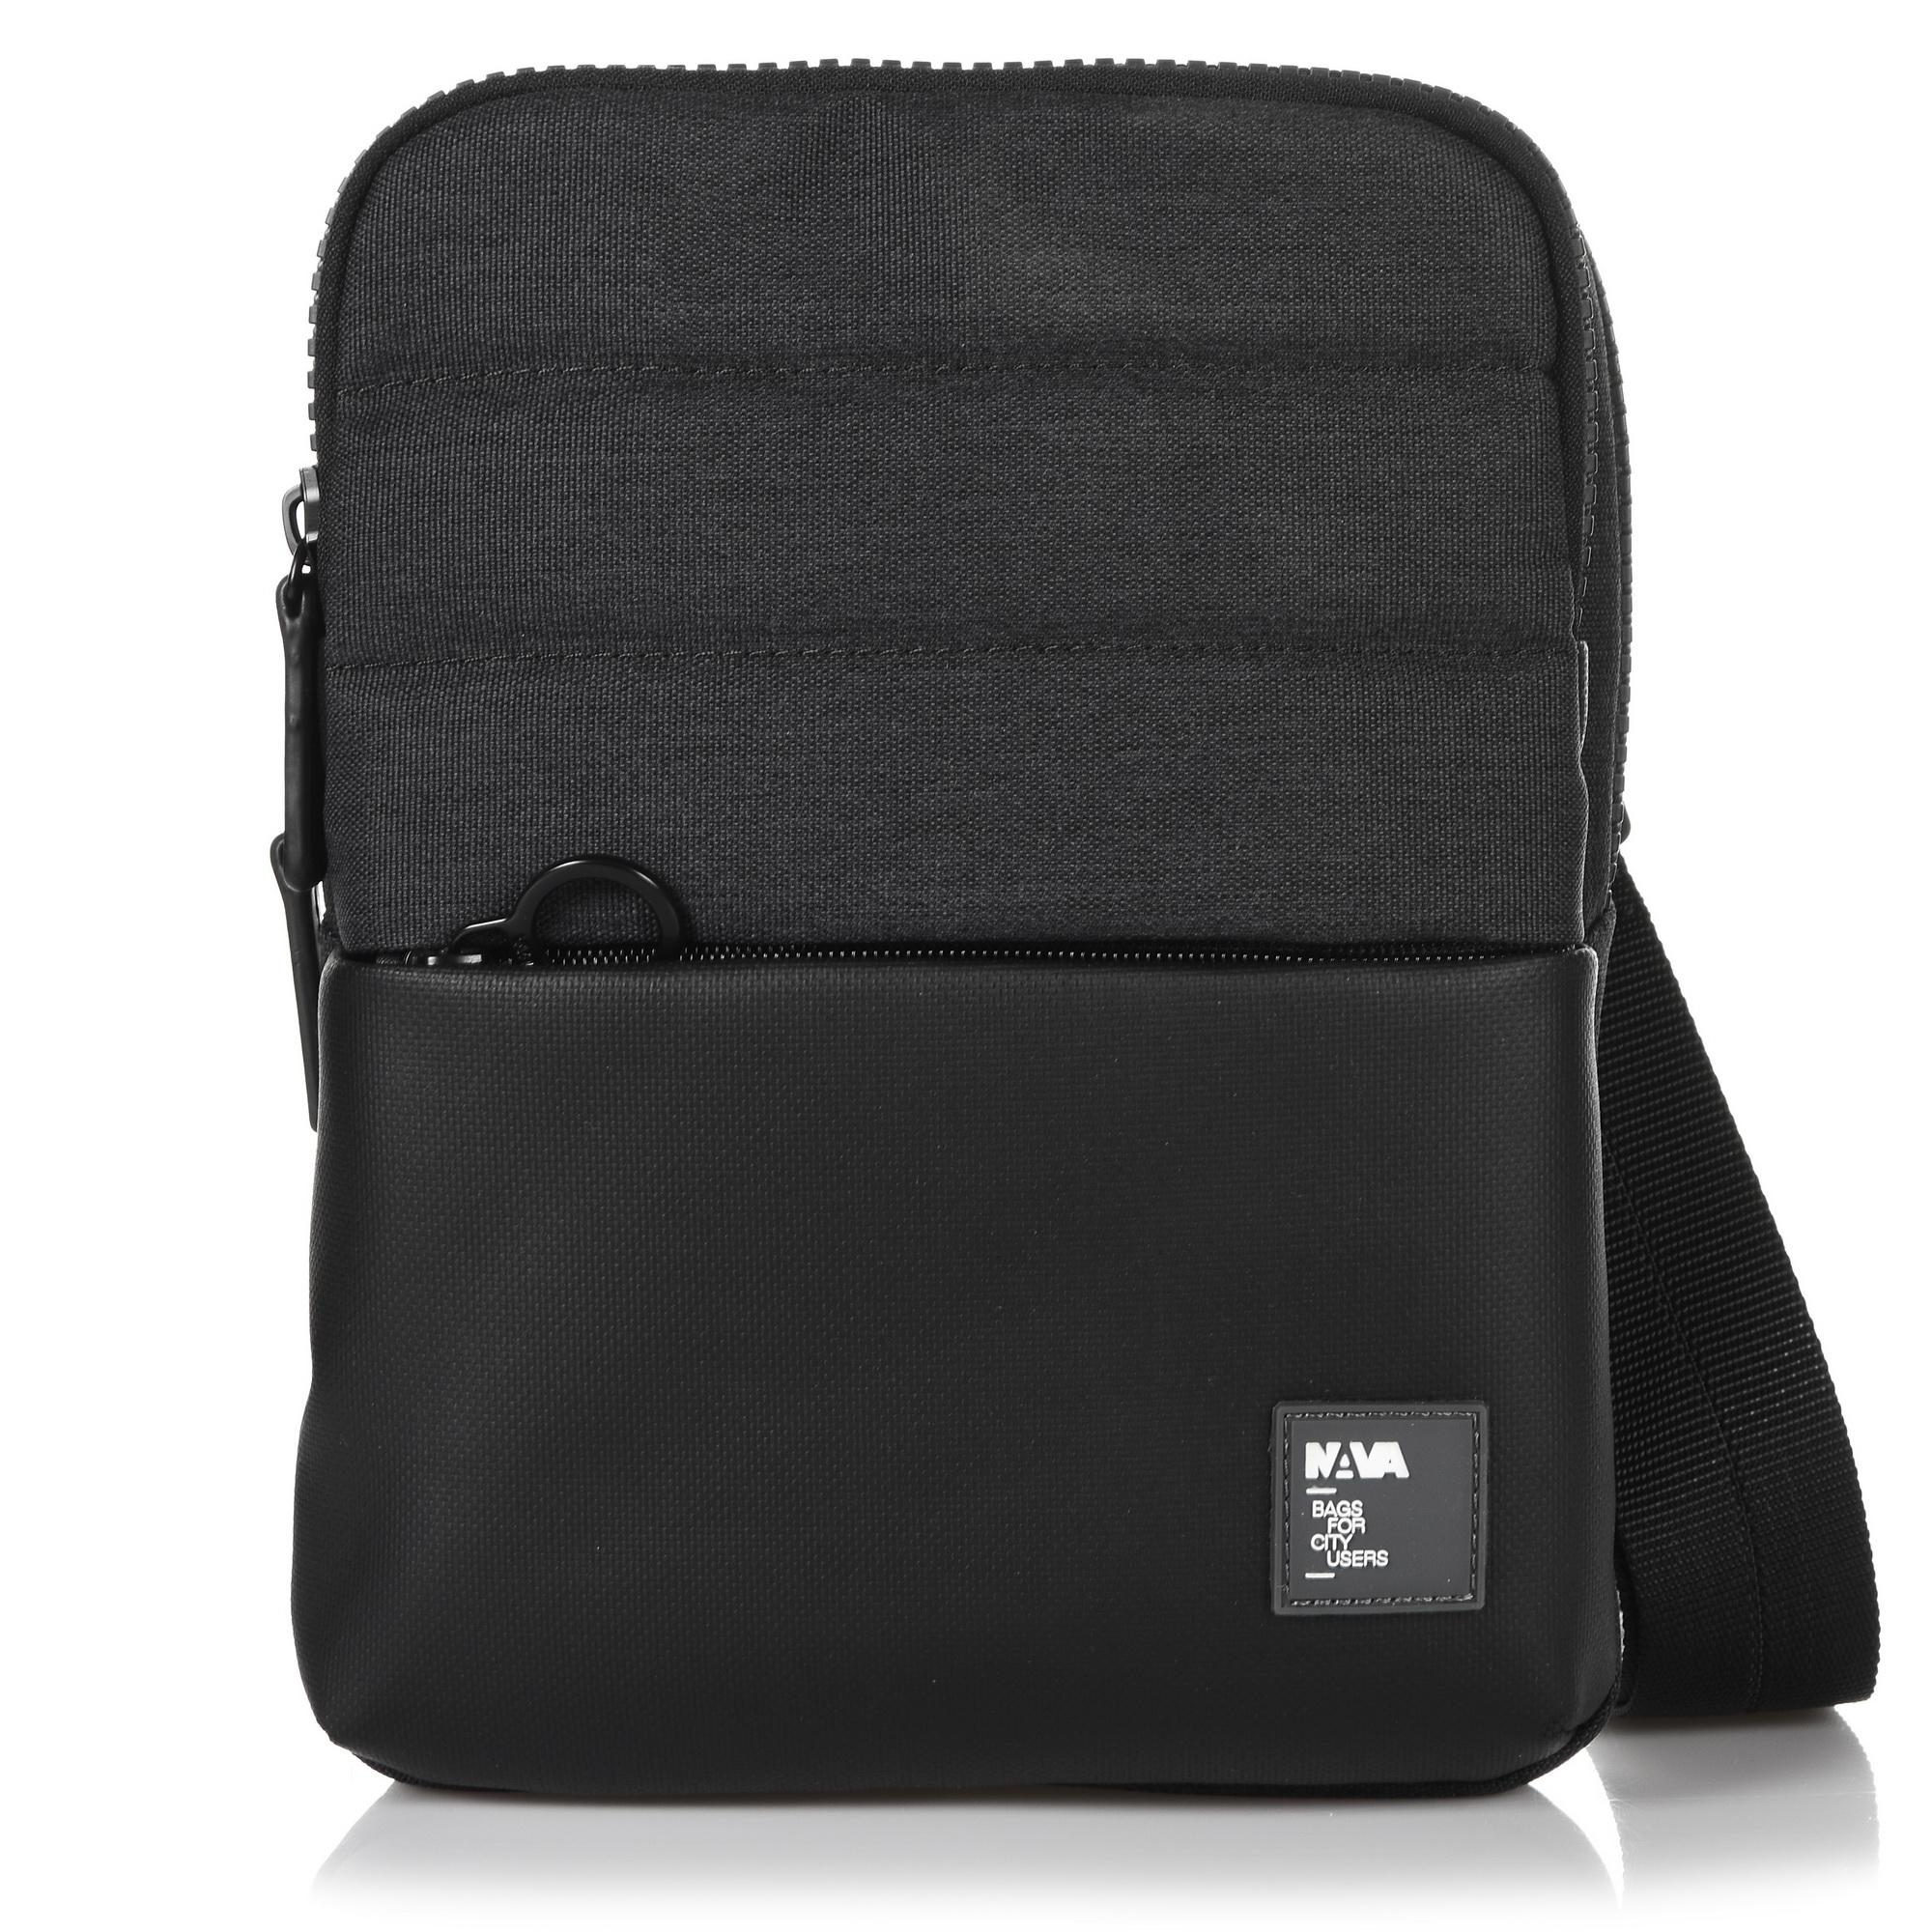 Τσαντάκι Χιαστί Nava Passenger Slim Bag PS013 ανδρας   τσαντάκι χιαστί